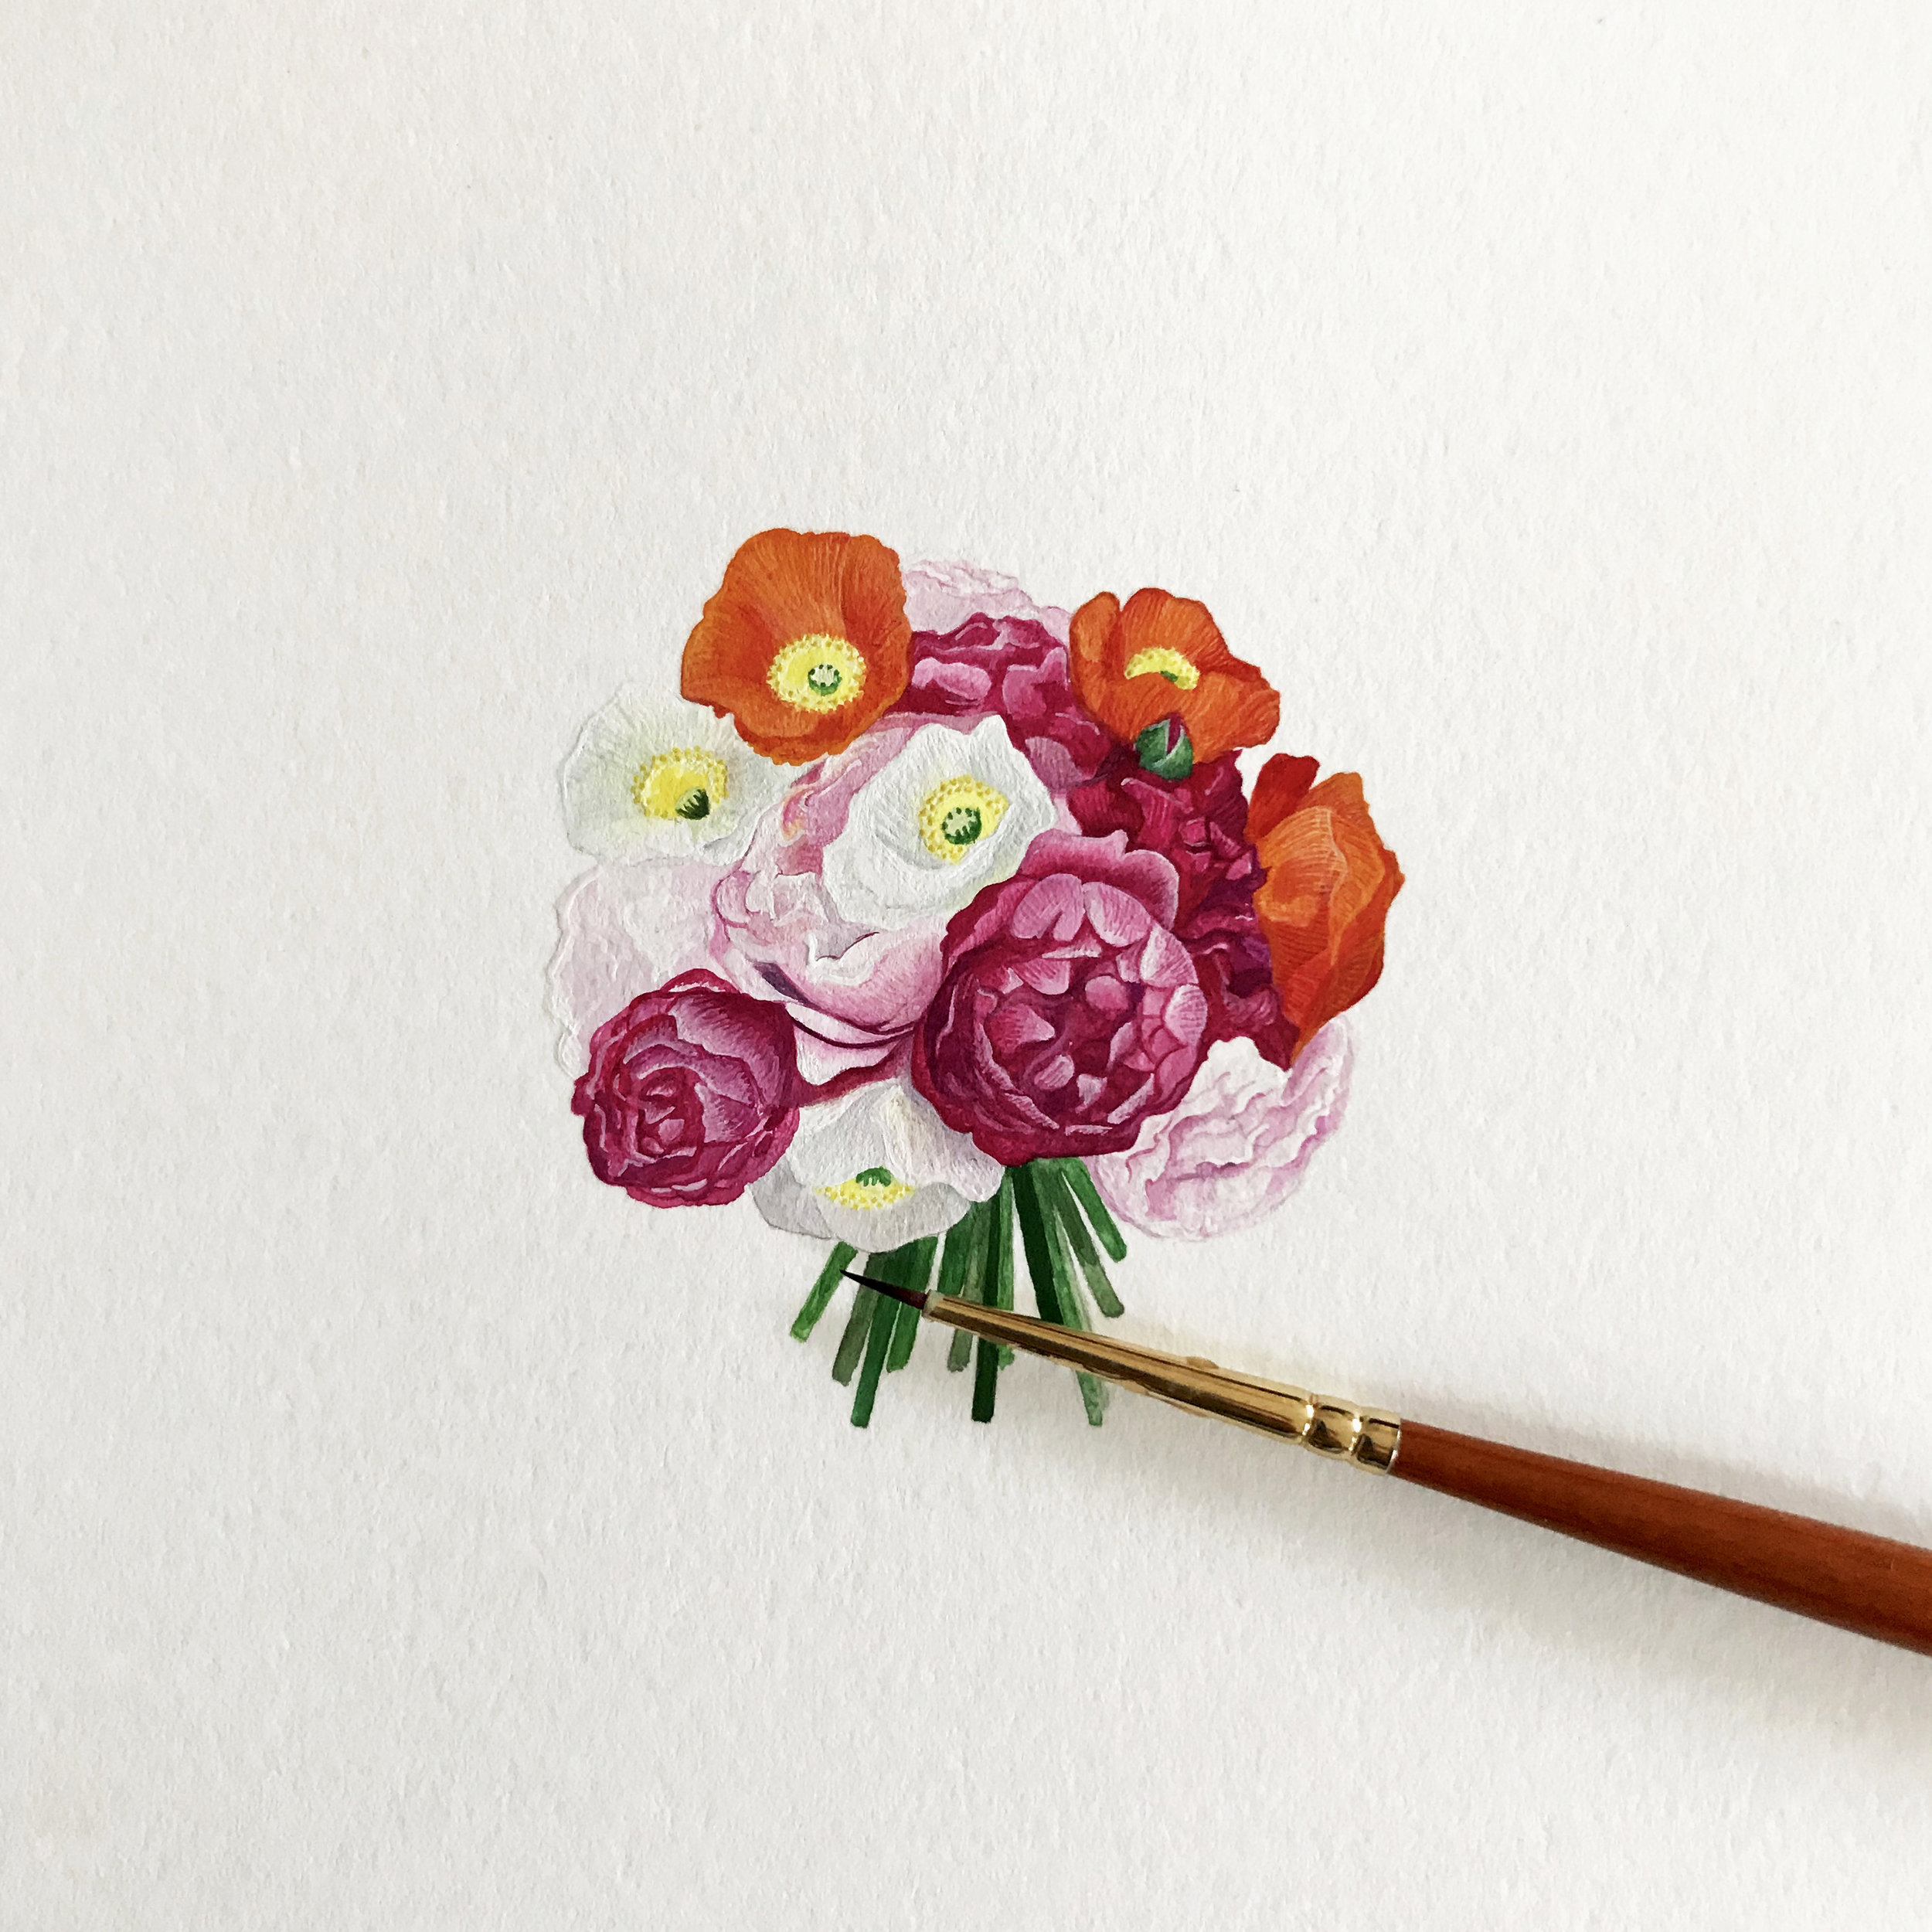 LaleGuralp_Bouquet_FF2.jpg